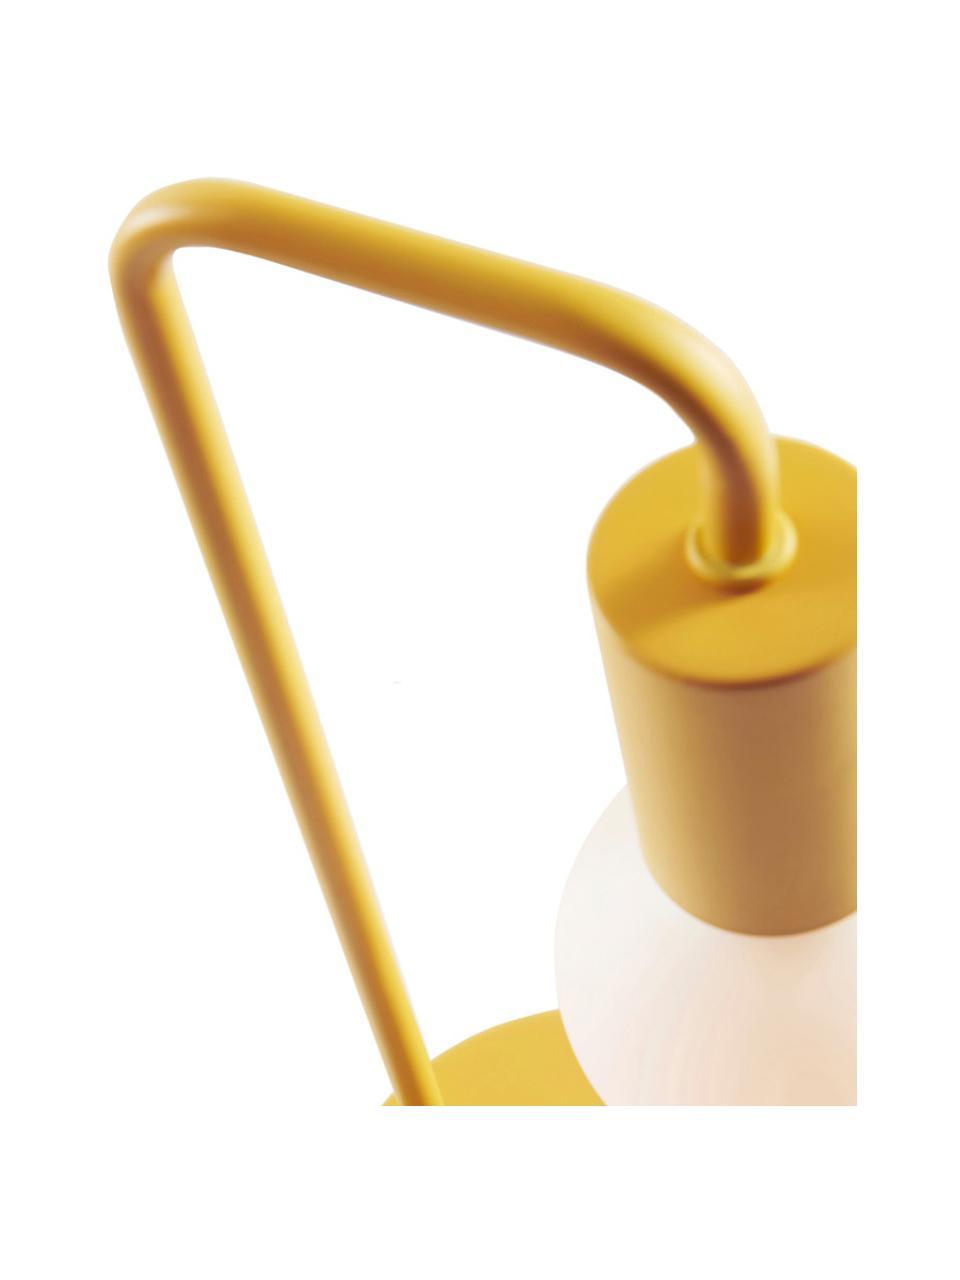 Tischleuchte Cascais, Lampenschirm: Metall, beschichtet, Gelb, Ø 14 x H 35 cm